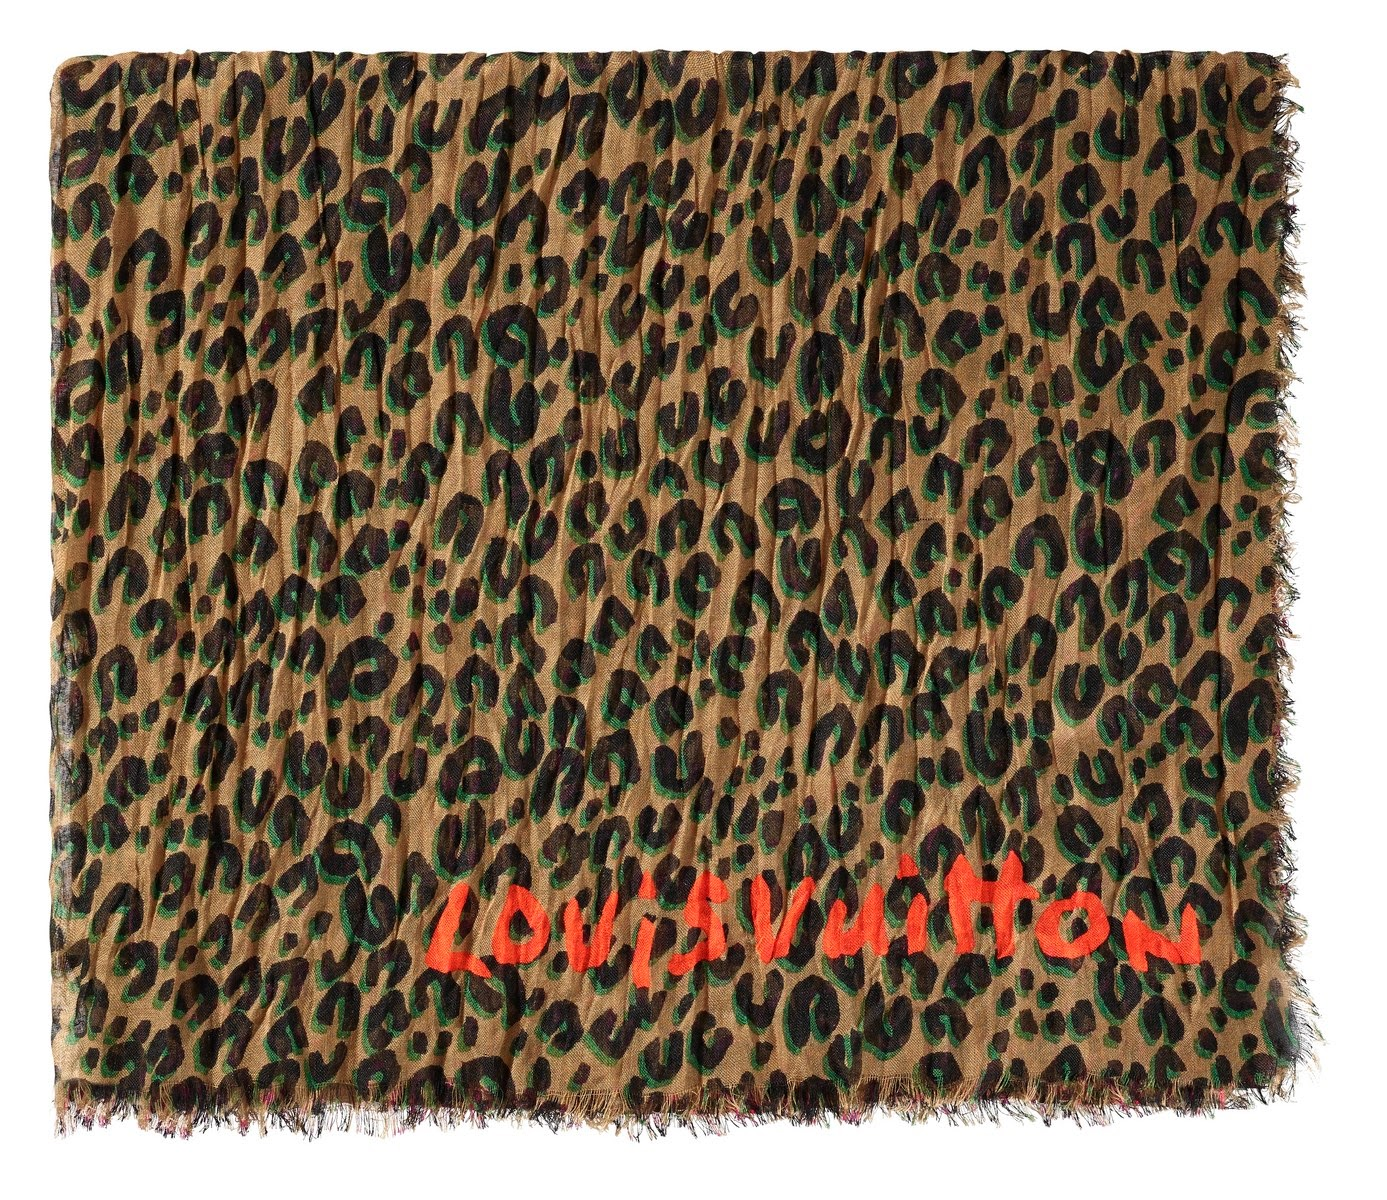 Louis-Vuitton, LV, foulards-d-artistes,  Damien-Blottière, Langley-Fox-Hemingway, andre-saraiva, monsieur-a, kenny-scharf, inti, Stephen-Sprouse, street-art, artistes-urbains, culture-pop, monogram, spring-summer, printemps-ete, du-dessin-aux-podiums, foulards, carré-imprimé, chale, louis-vuitton-recrutement, foulard-en-soie, foulard-homme, louis-vuitton-scarf, echarpe-femme, louis-vuitton-monogram, foulard-rouge, foulard-soie, echarpes, echarpes-hommes, louis-vuitton-graffiti-bag